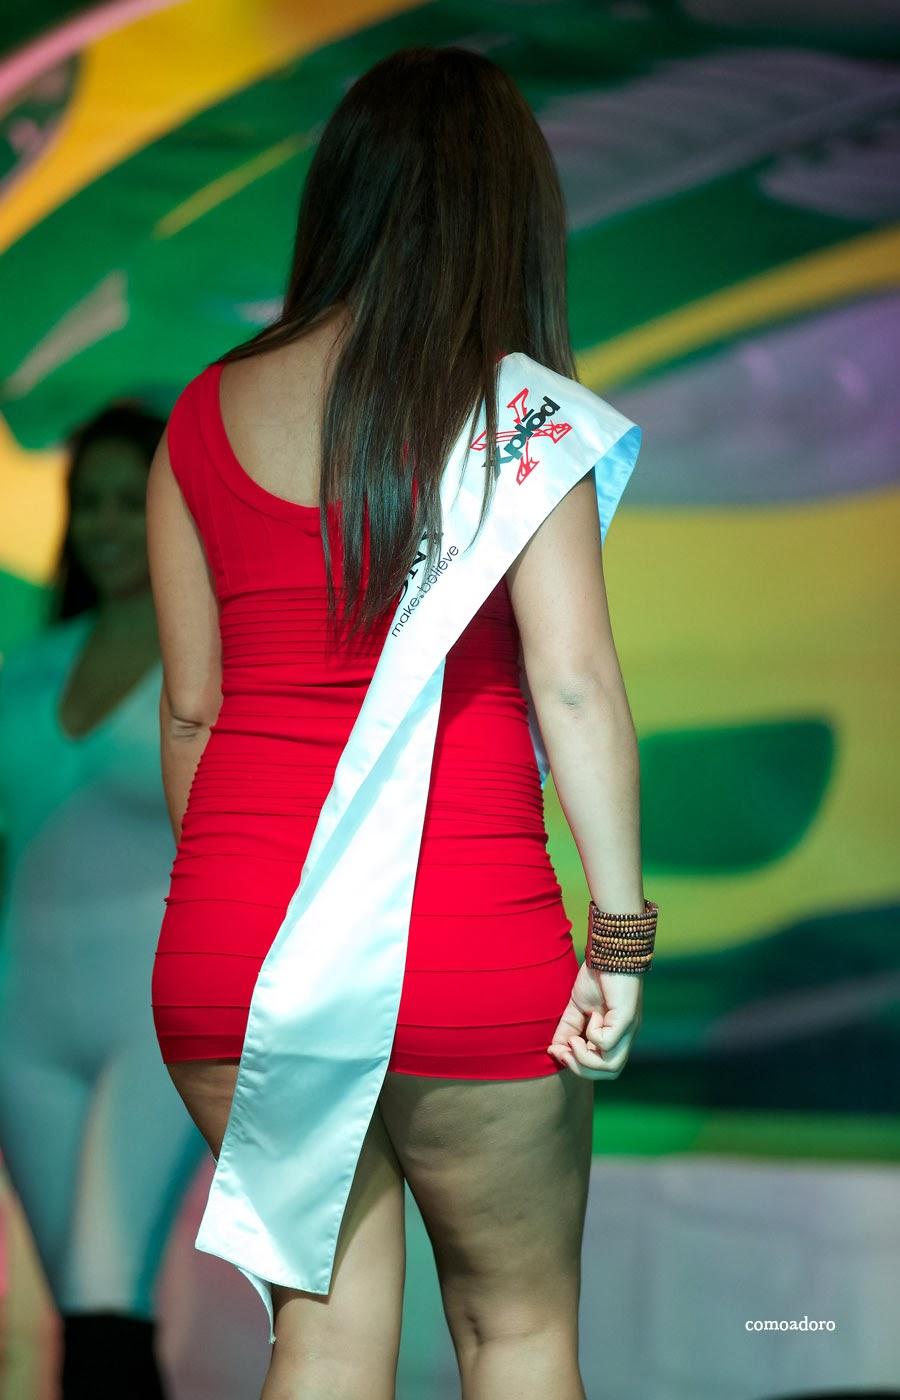 Mujeres En Vestido Cortos Edecanes En Leggins Lycra